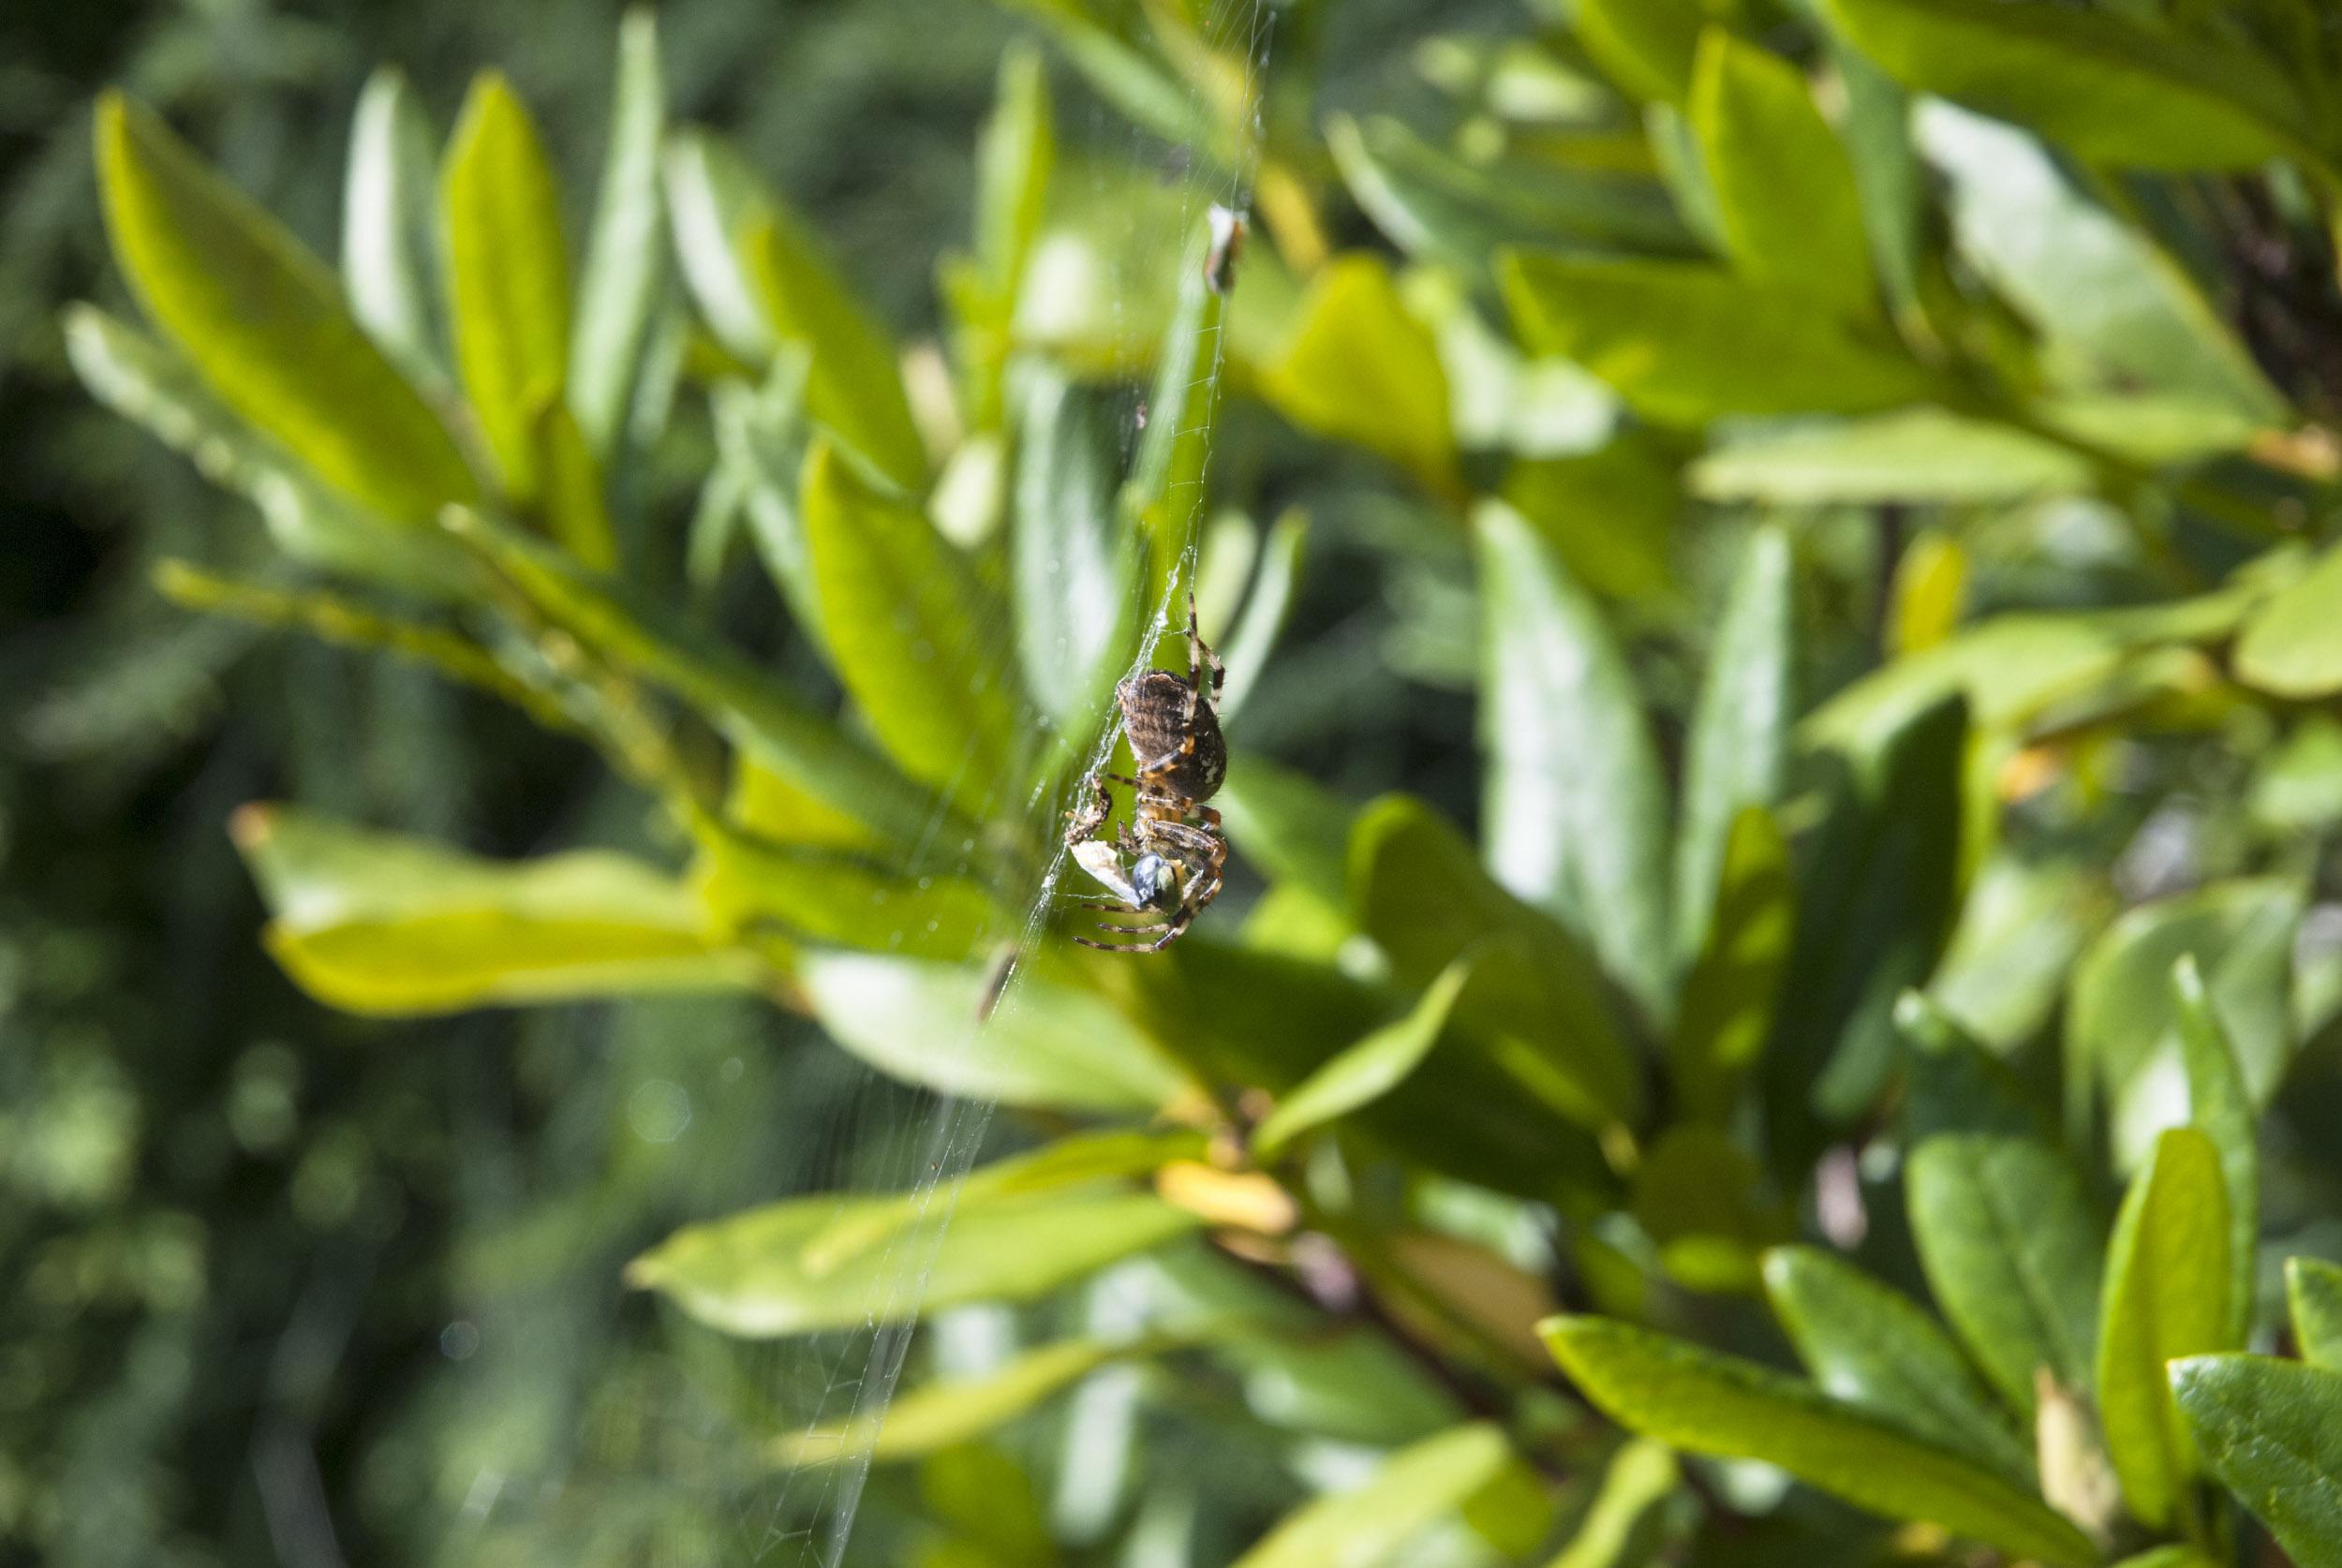 Eine Spinne lauert in einem Rhododendron-Busch.